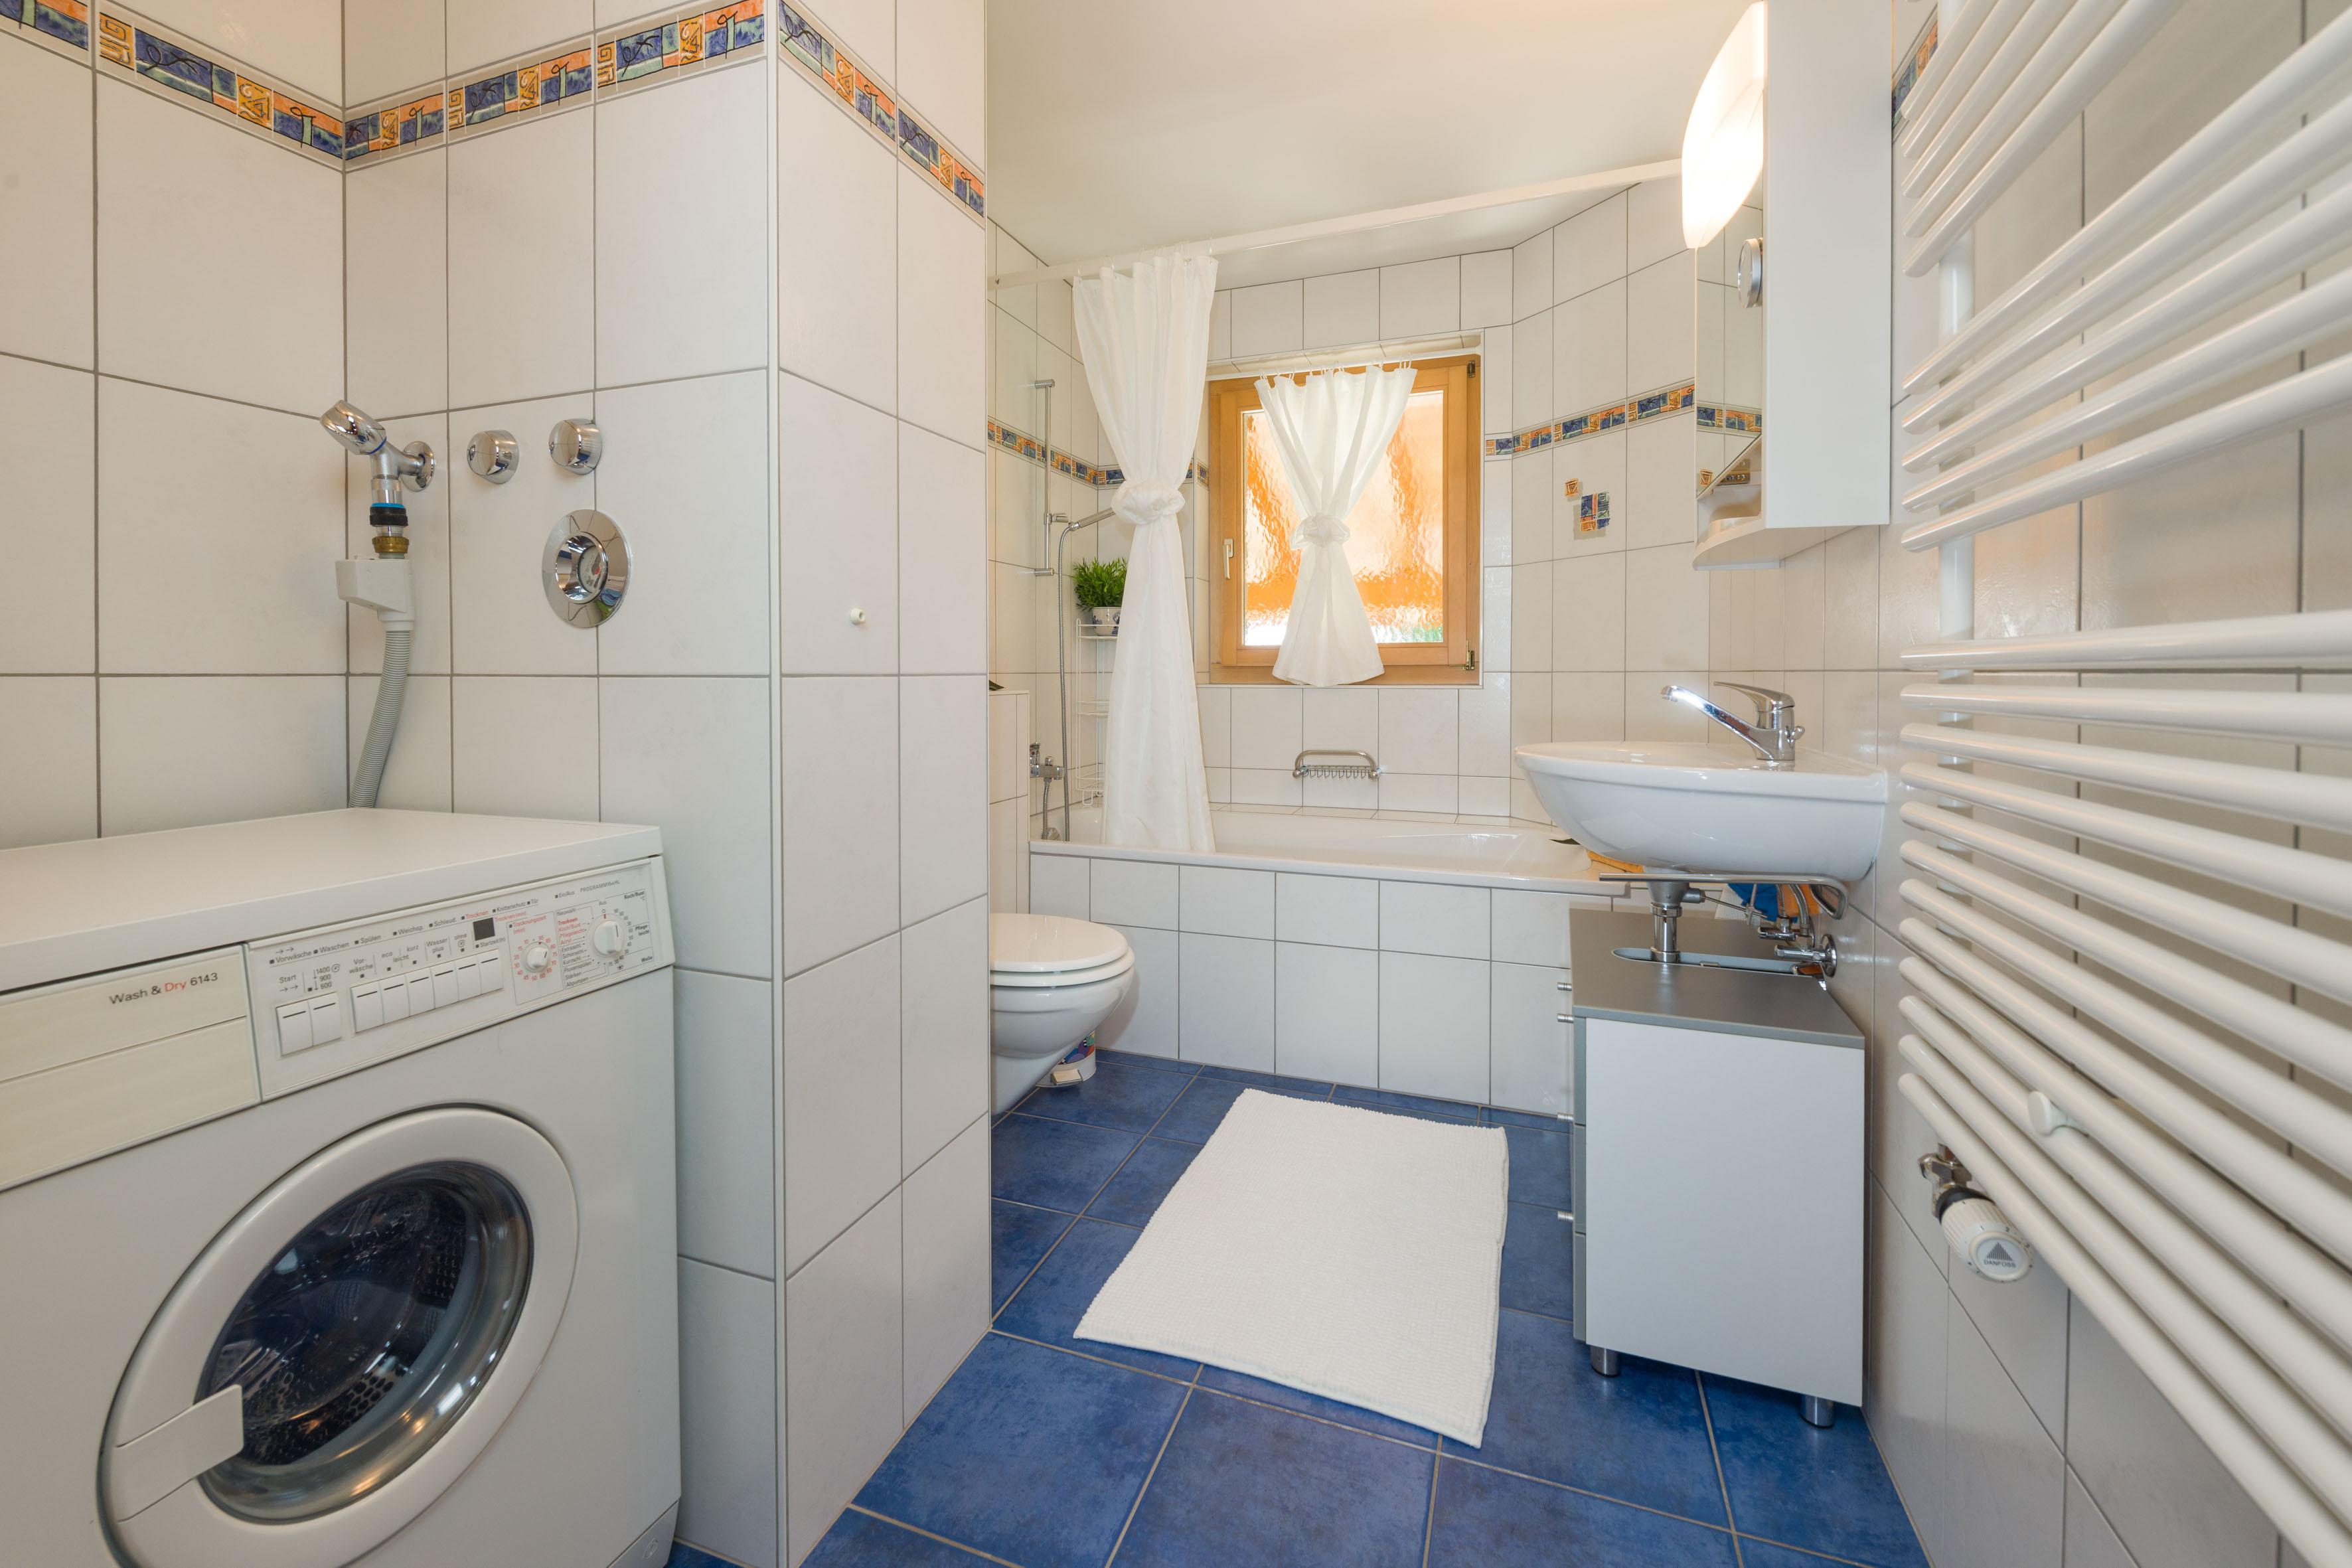 Совмещенная ванная комната белаяСовмещенная ванная комната белая